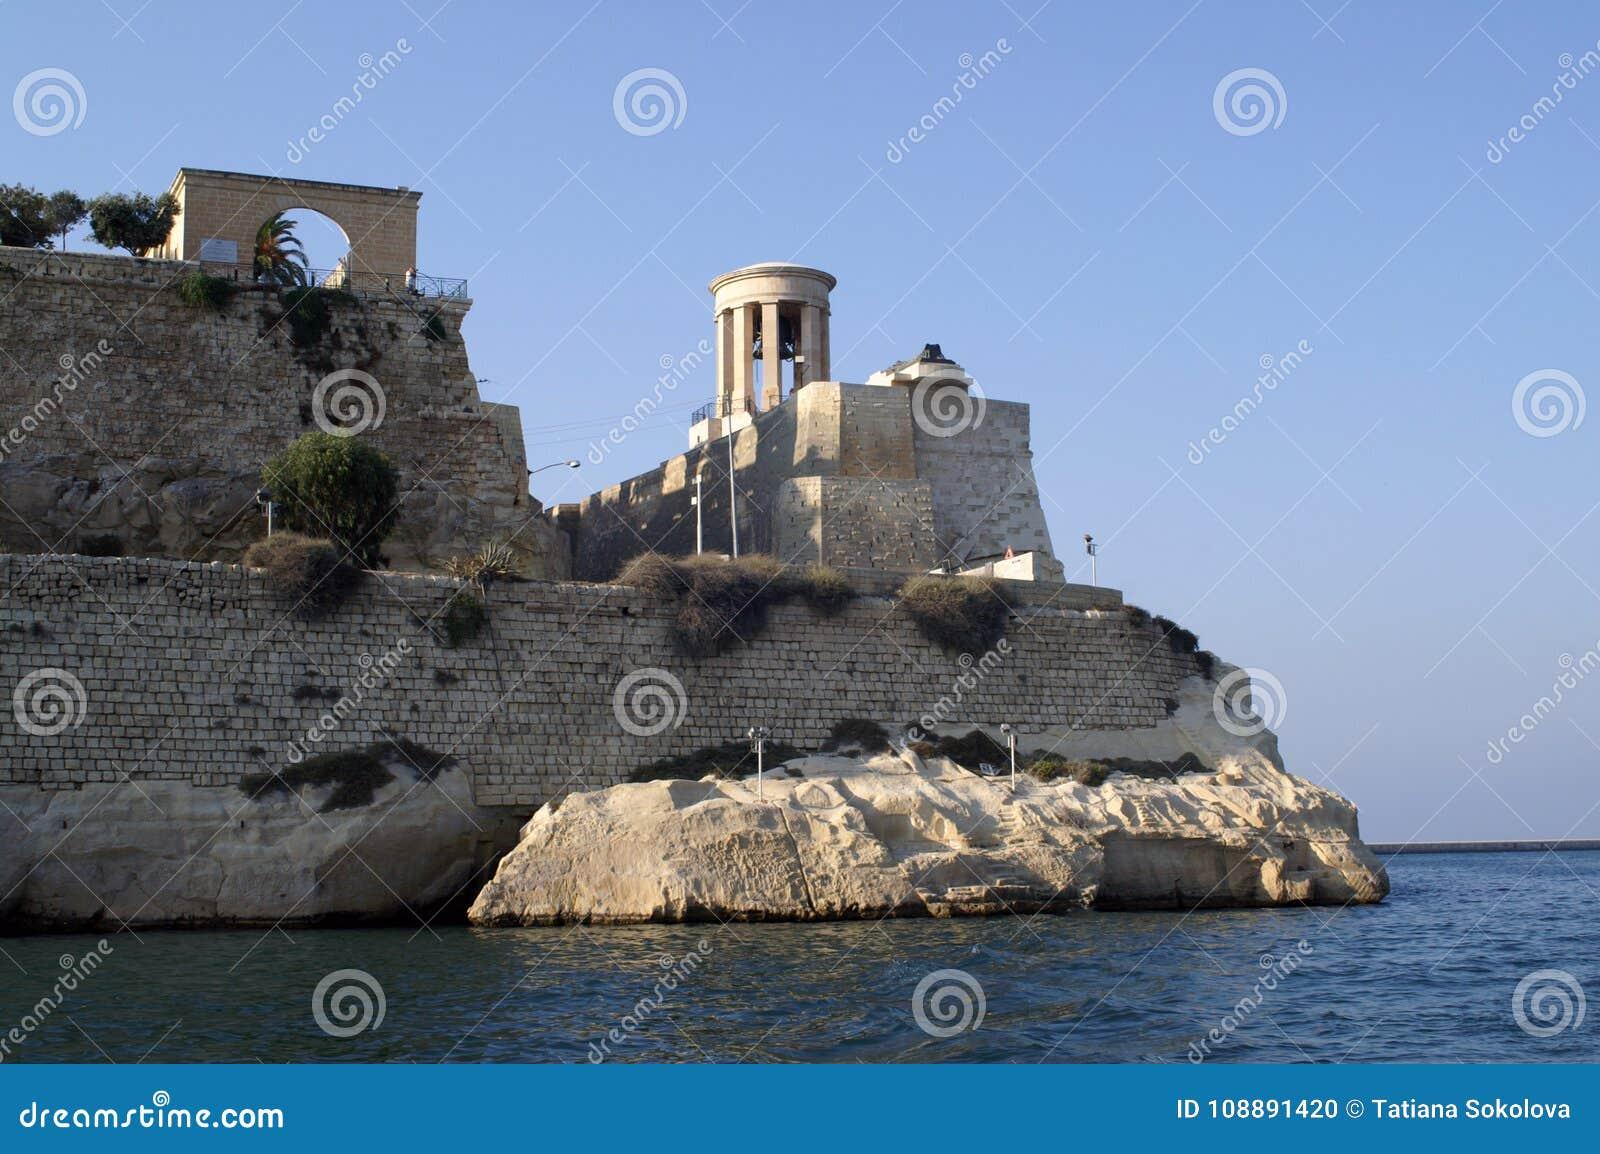 Festung mit einem Turm auf dem Strand